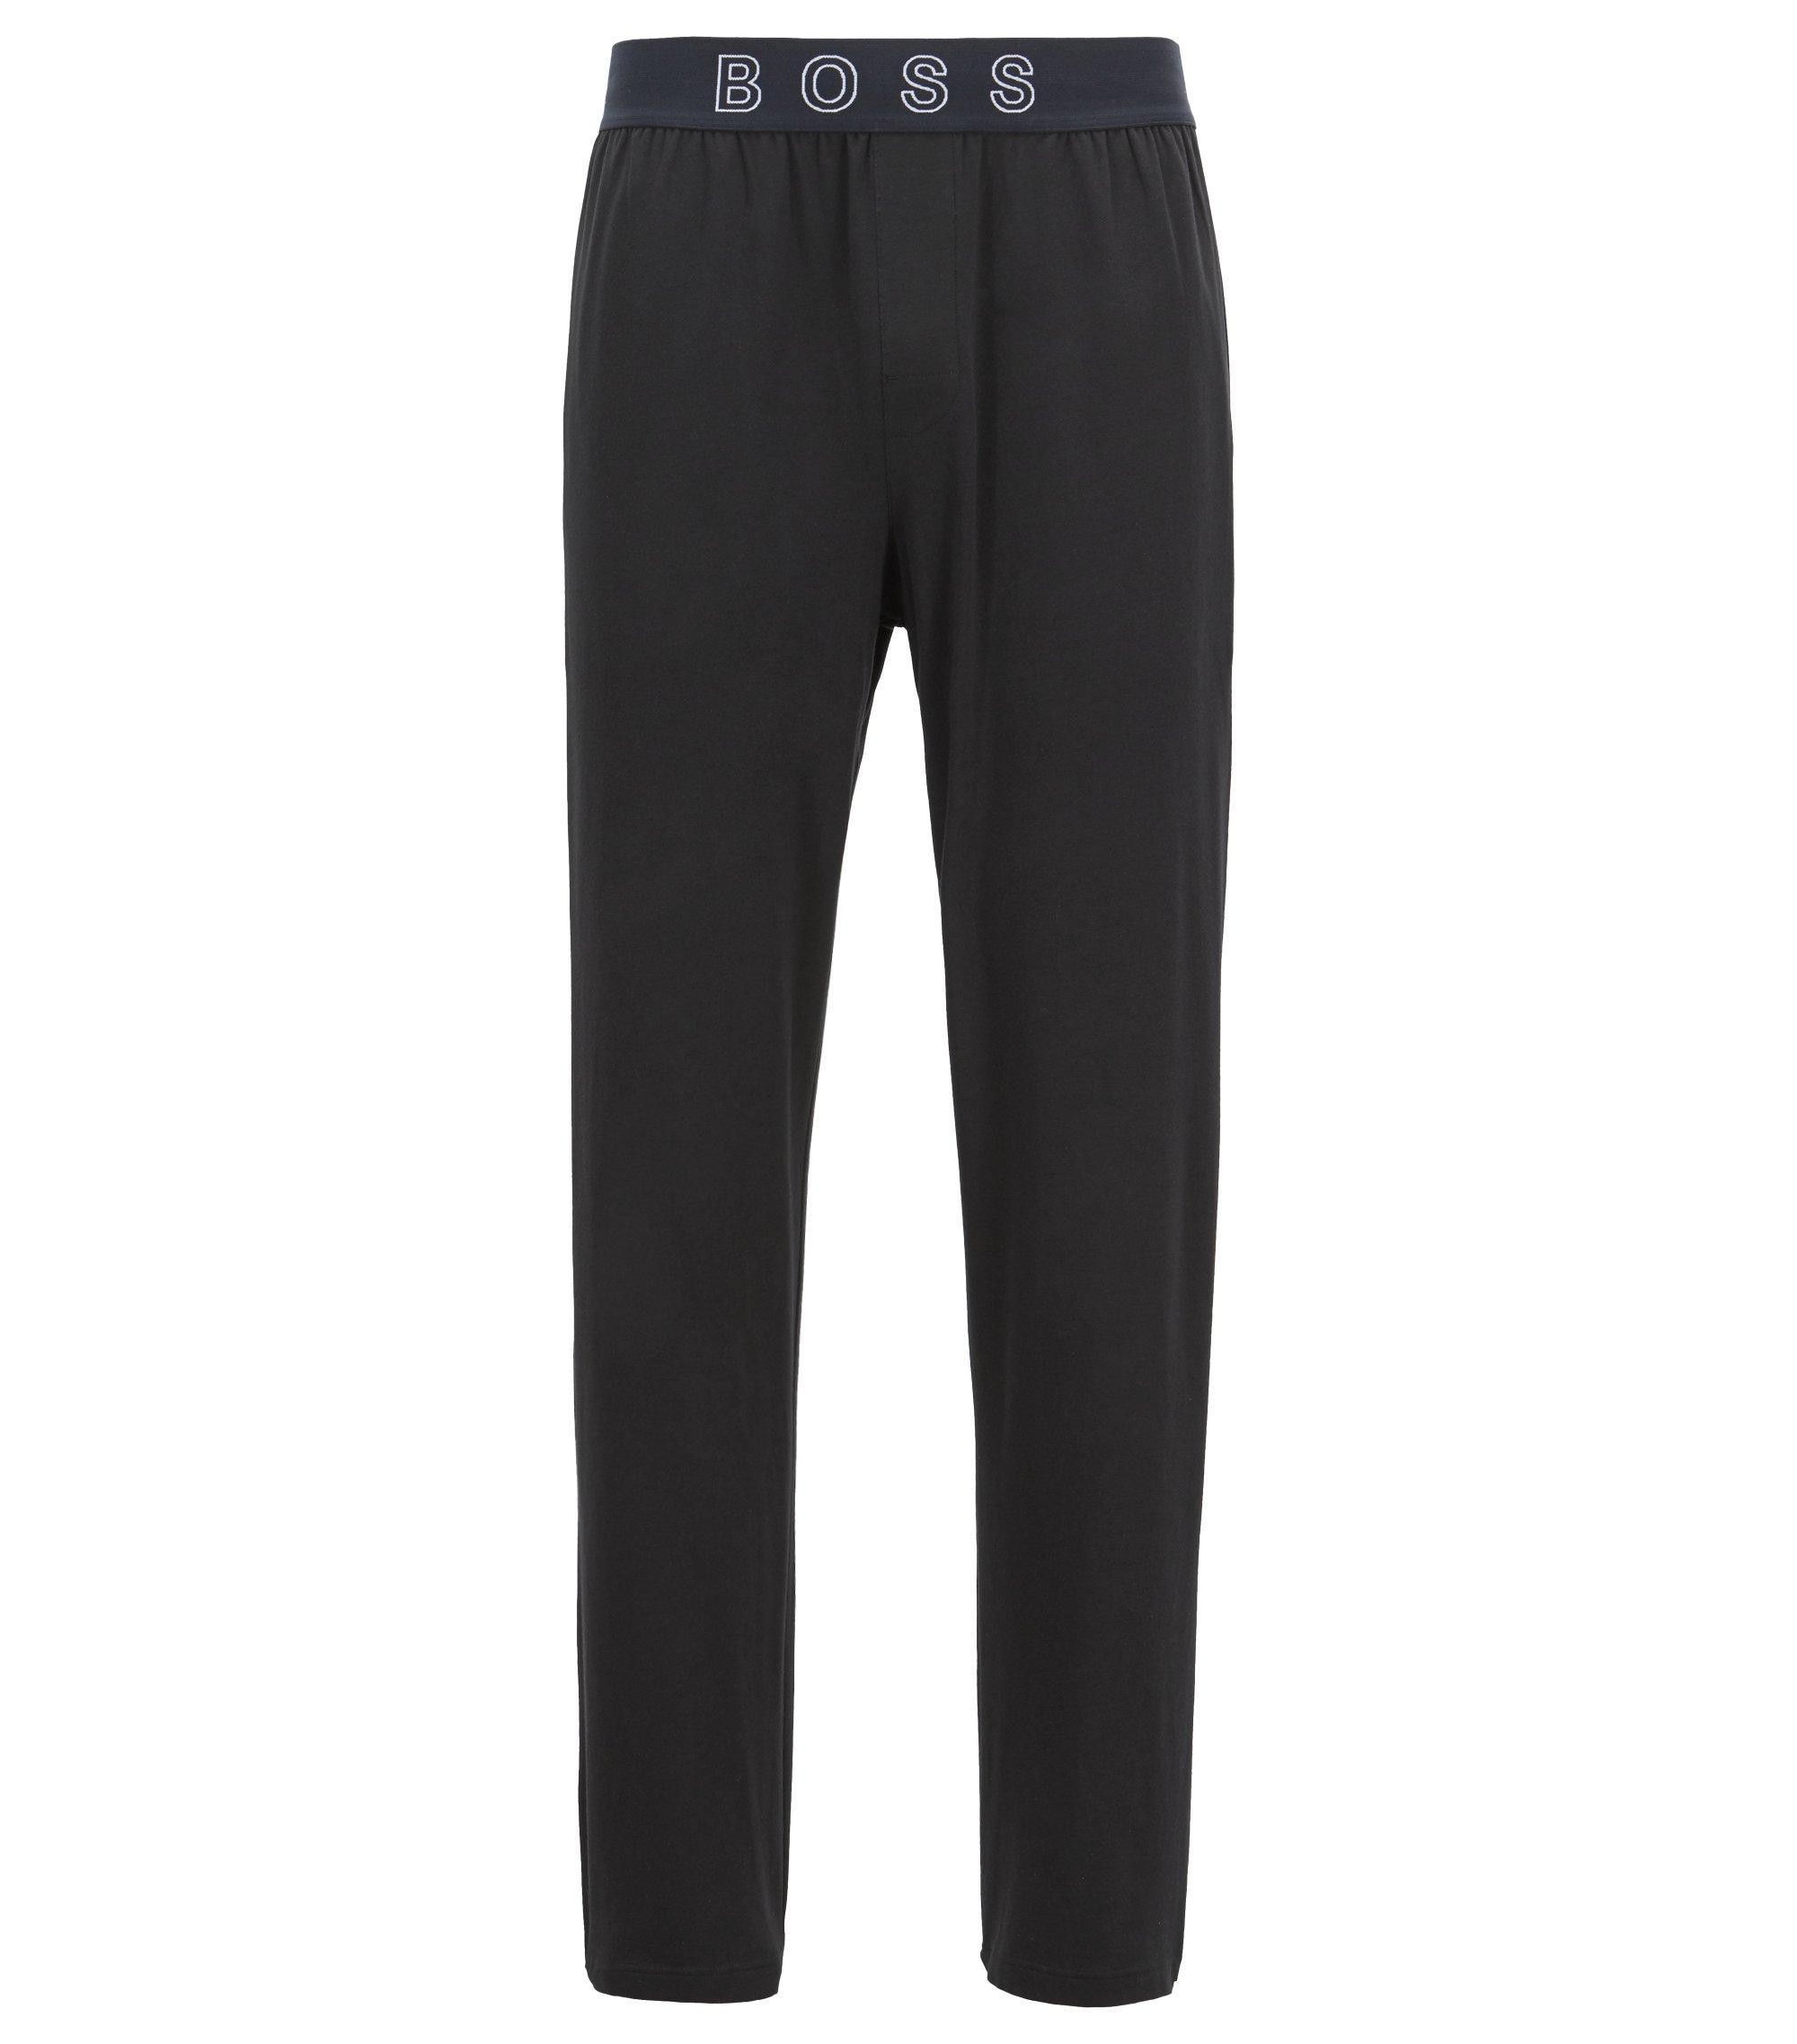 Pyjama-Hose aus Stretch-Baumwolle mit Logo-Bund, Schwarz